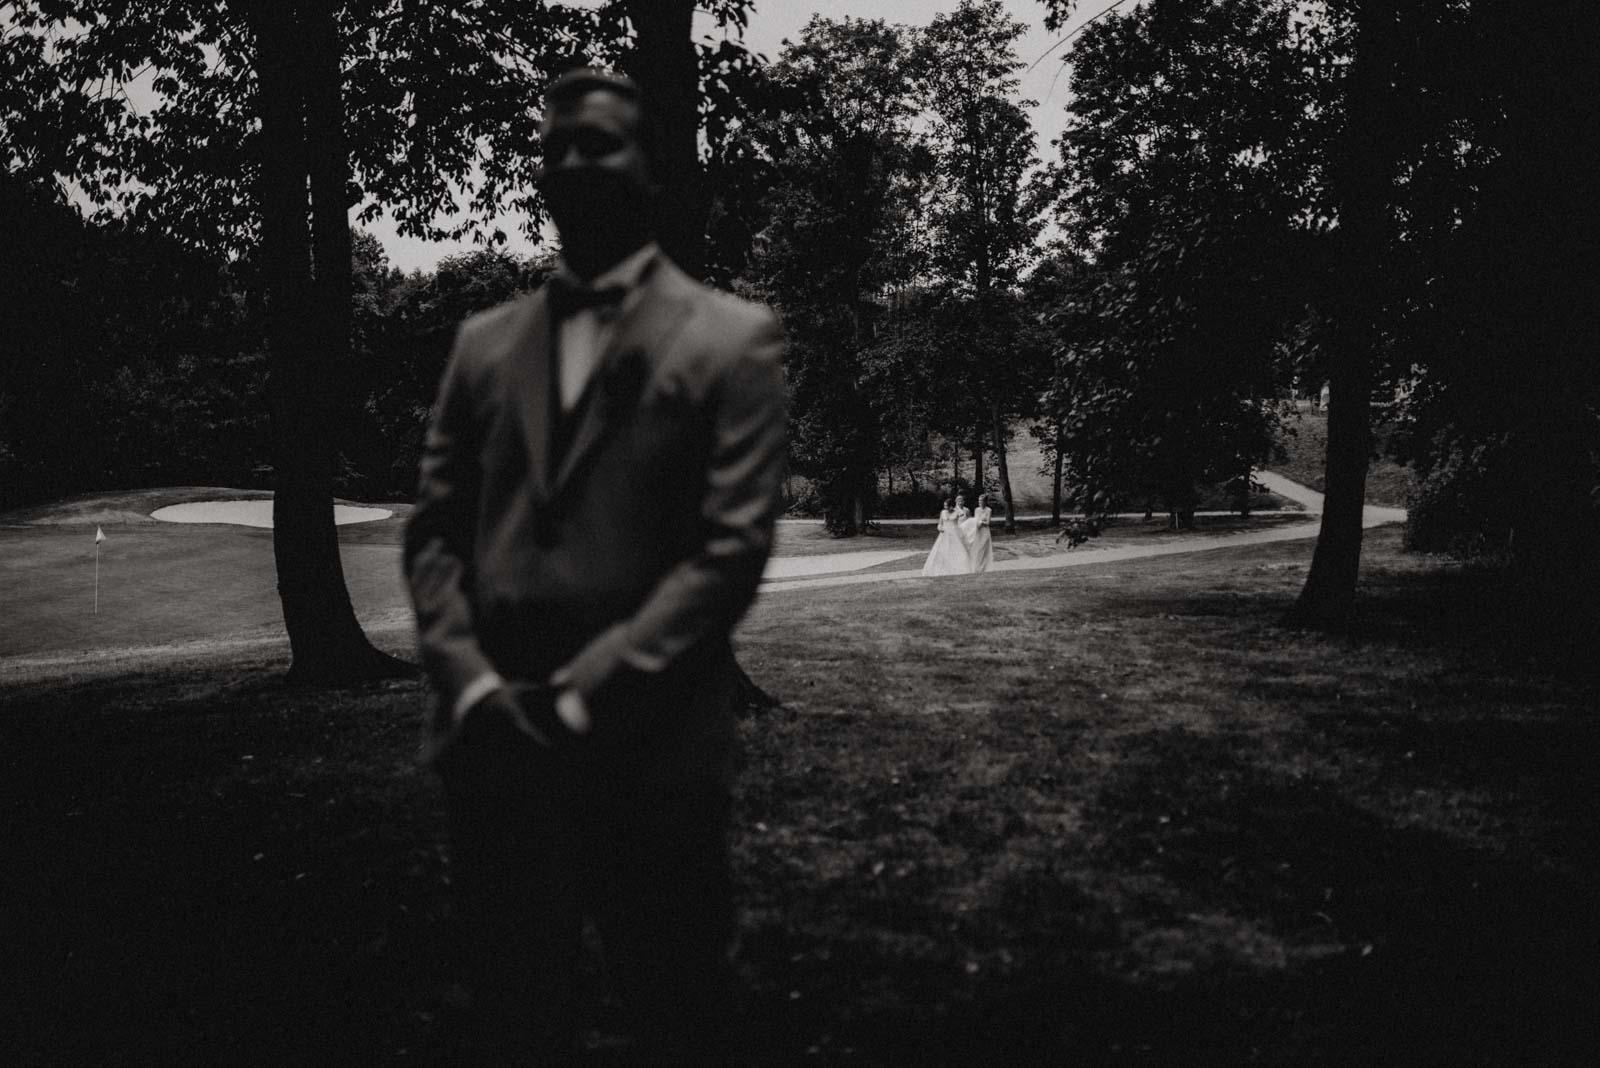 Die Braut wird von ihren Brautjungfern zu ihrem Mann geleitet